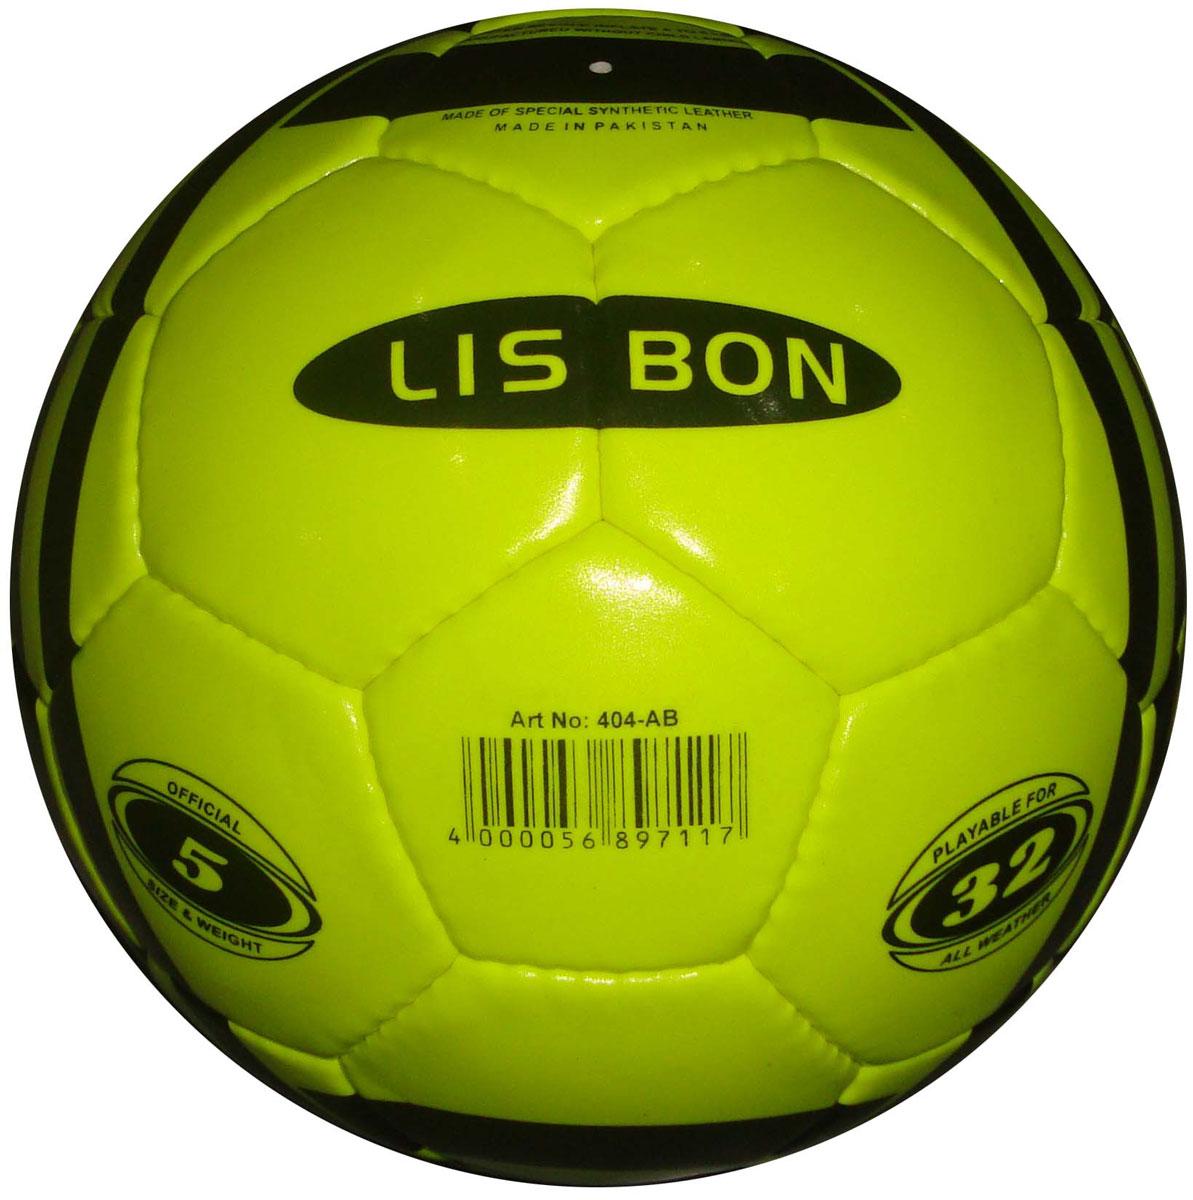 Tata Мяч детский футбольный цвет желтый 22 см